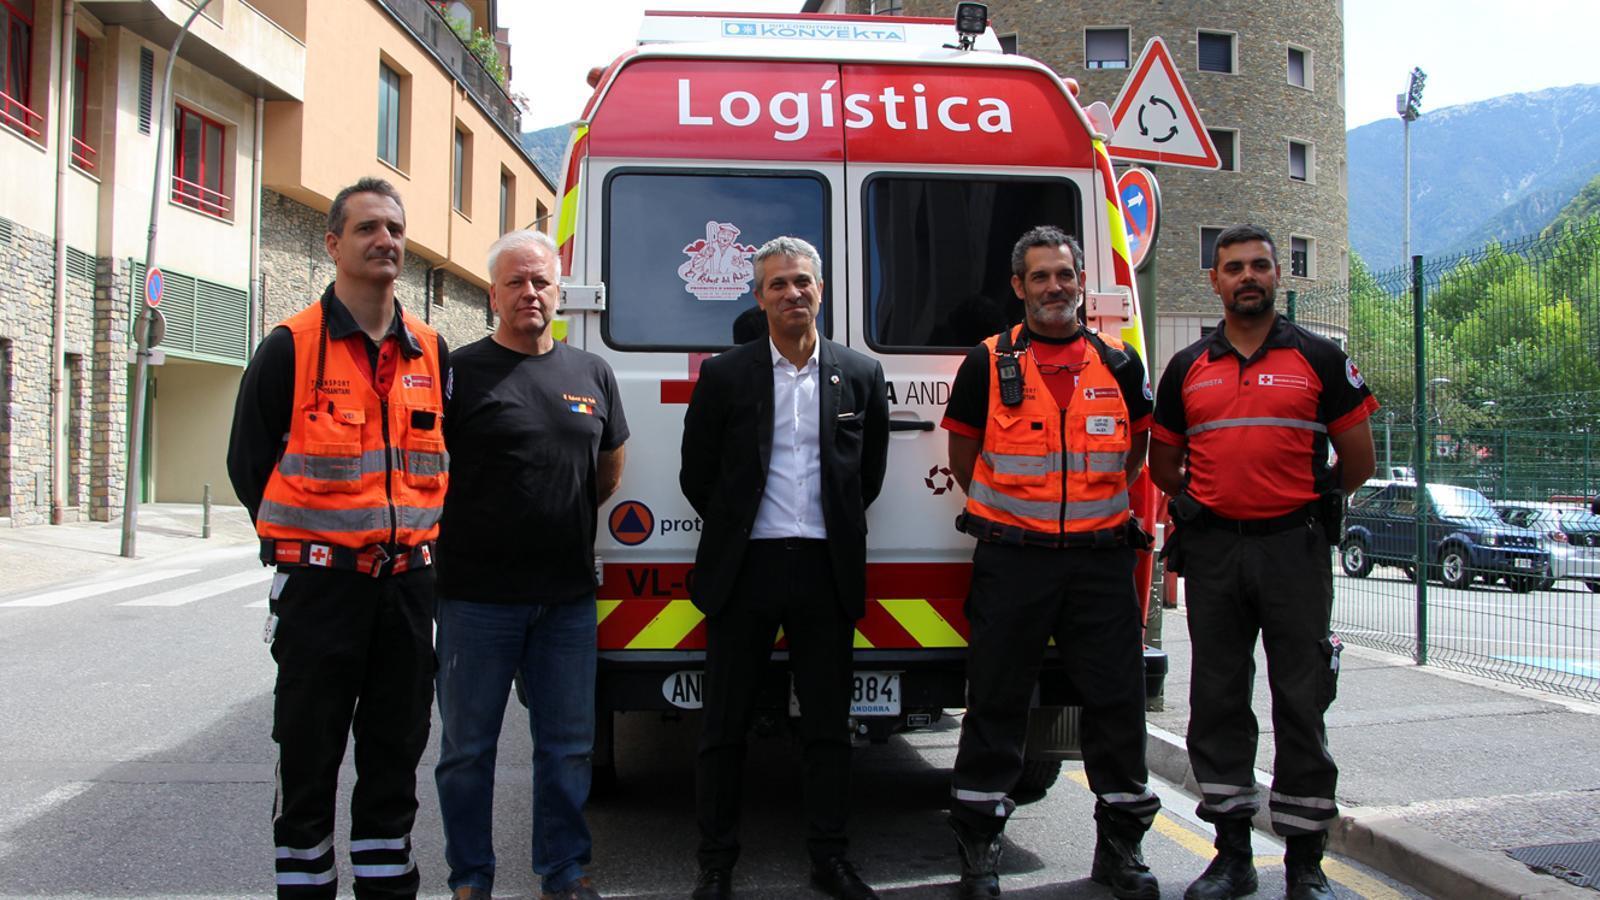 El representant del Rebost del Padrí, Josep Maria Escolà, i el director de la Creu Roja Andorrana, Jordi Fernández, junt amb altres membres de l'entitat al davant del camió refrigerat on es transporta el menjar. / T. N. (ANA)